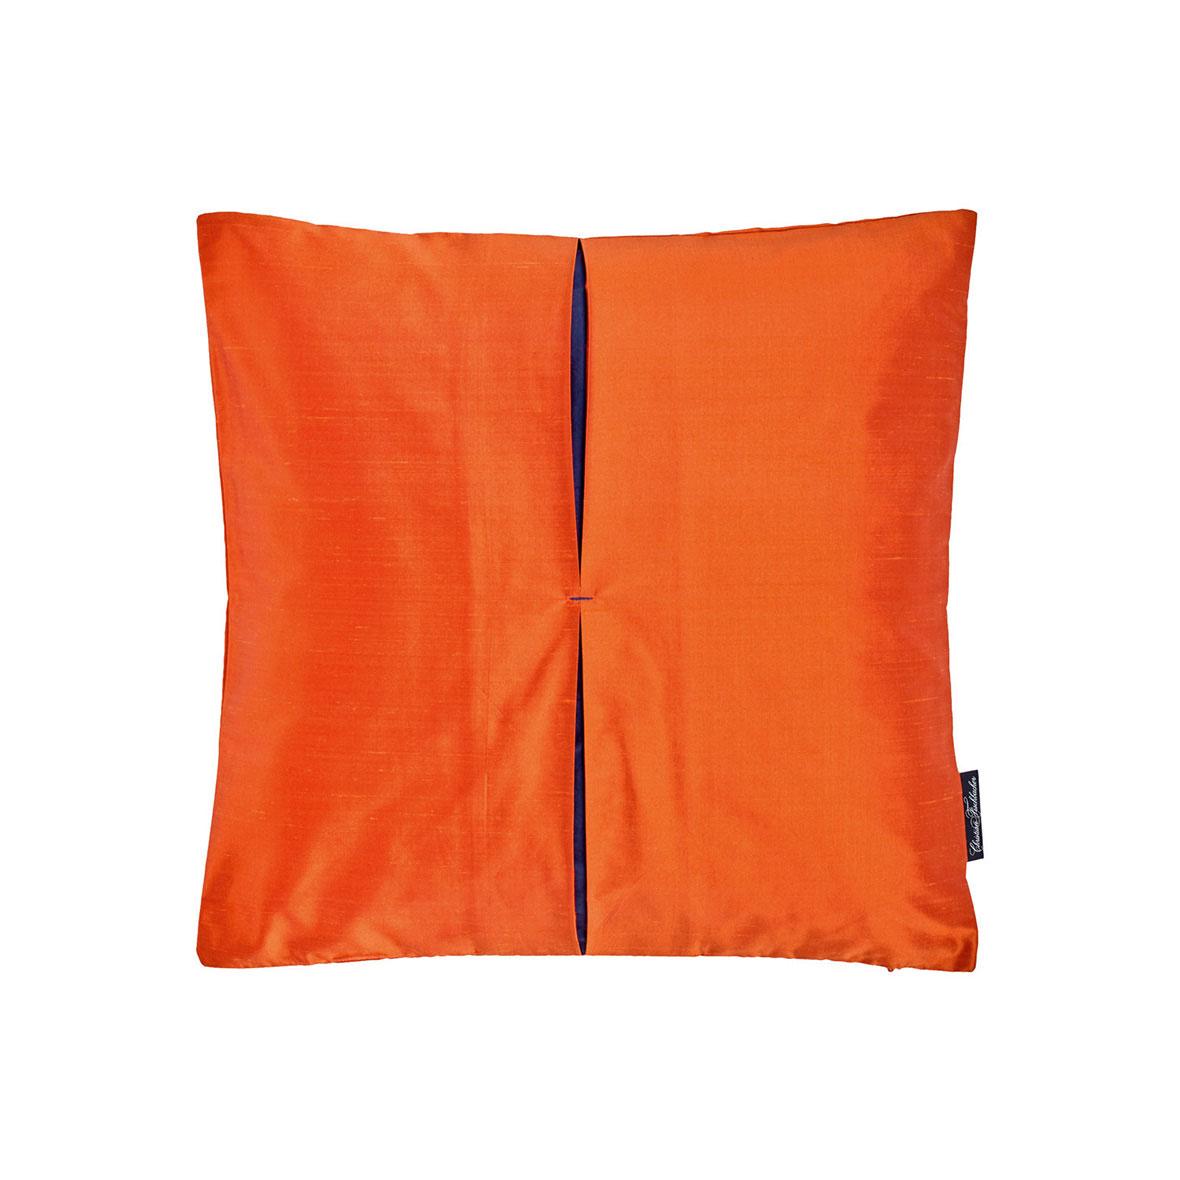 Zierkissen Jamila - Seide - Farbe orange - Christian Fischbacher